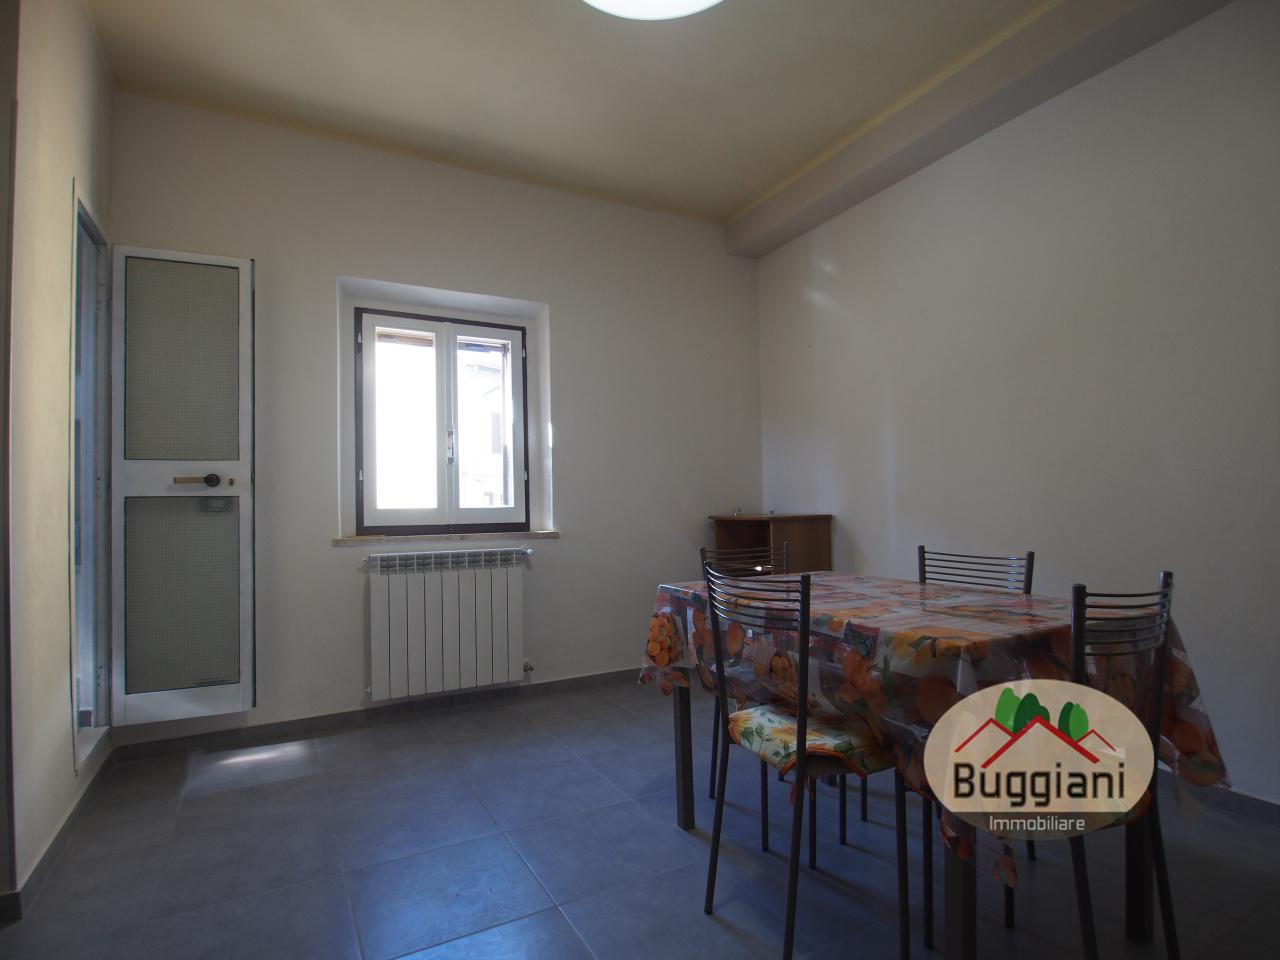 Appartamento in vendita RIF. 2173, San Miniato (PI)